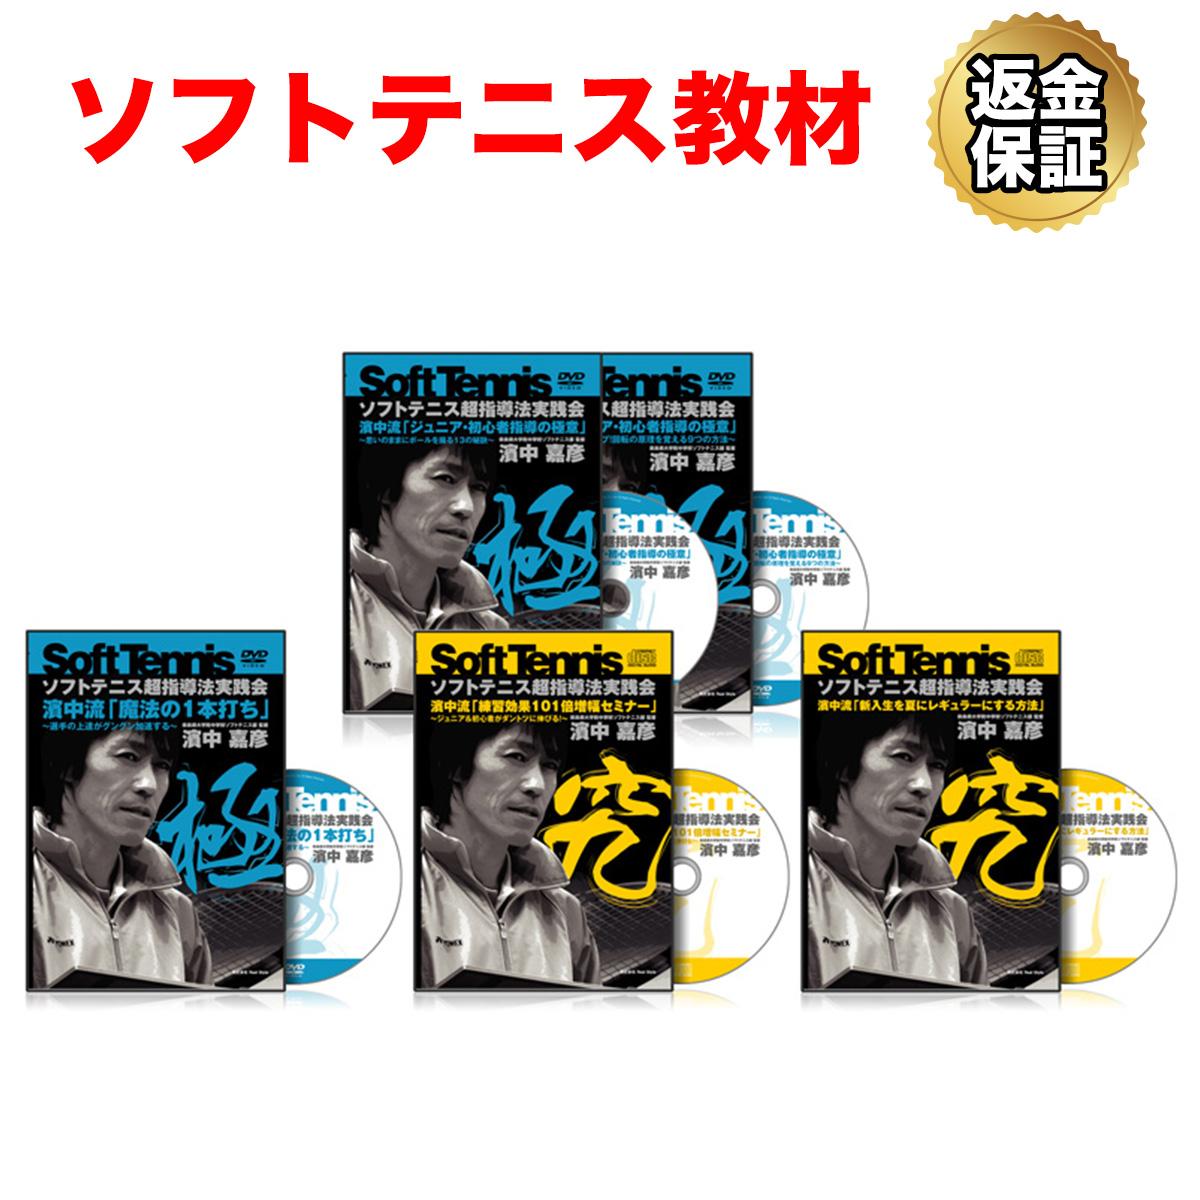 【ソフトテニス】濱中流「初心者指導完全マスターコース」